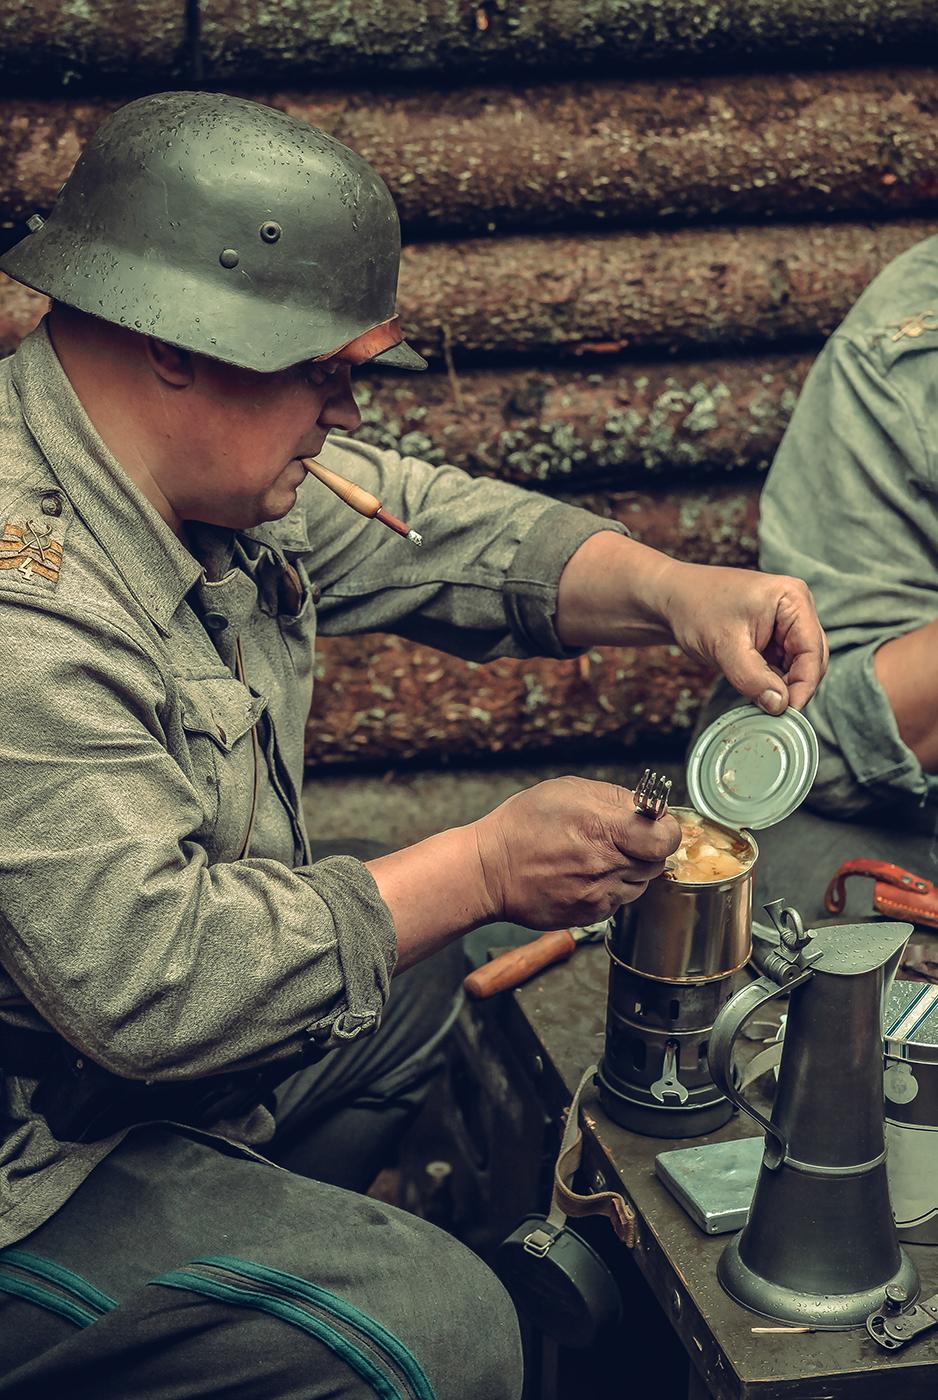 Фотография 9. Тестирование беззеркалки Sony A7M2 на съемке исторической реконструкции. Зум Canon 70-200mm f/4L. Настройки: 1/320, -0.67, 6.3, 1000, 159.